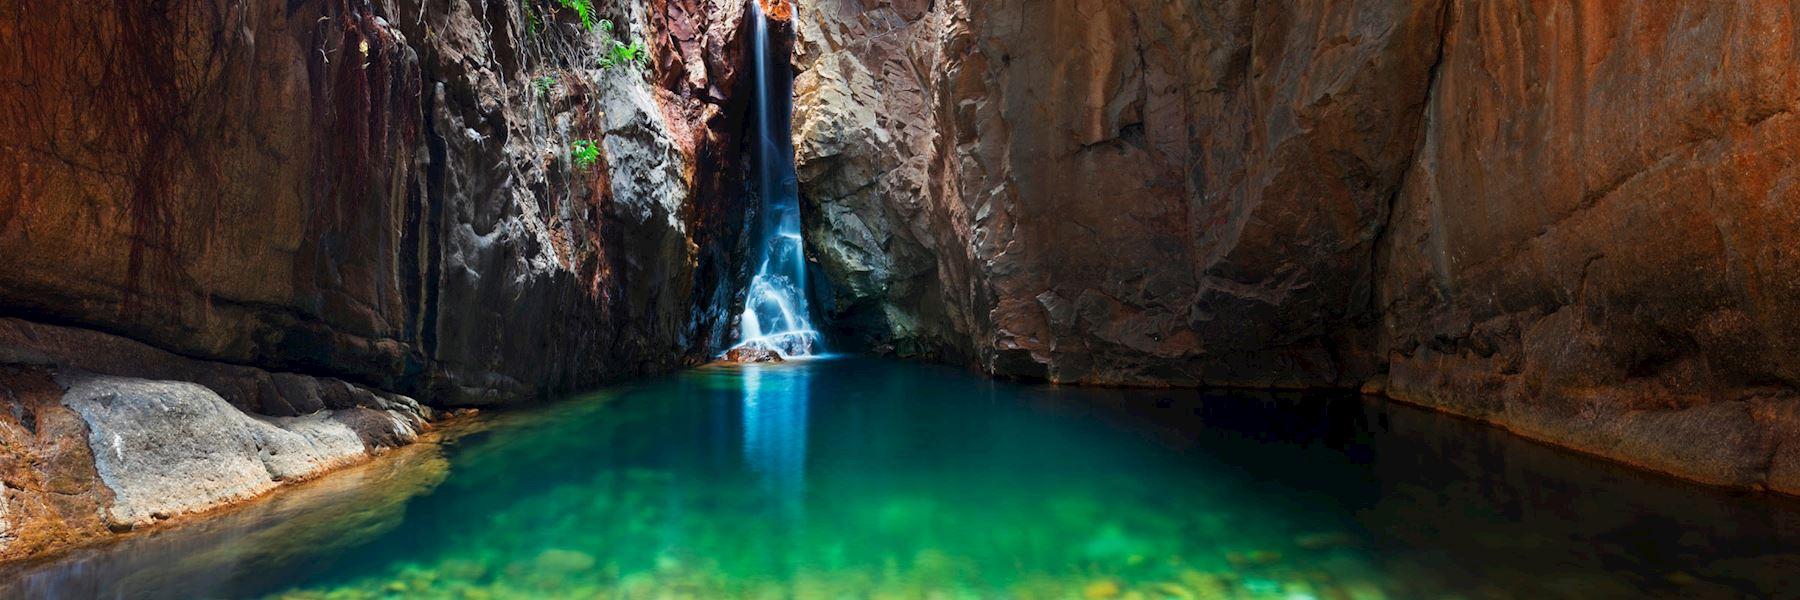 Visit El Questro Wilderness Park, Australia